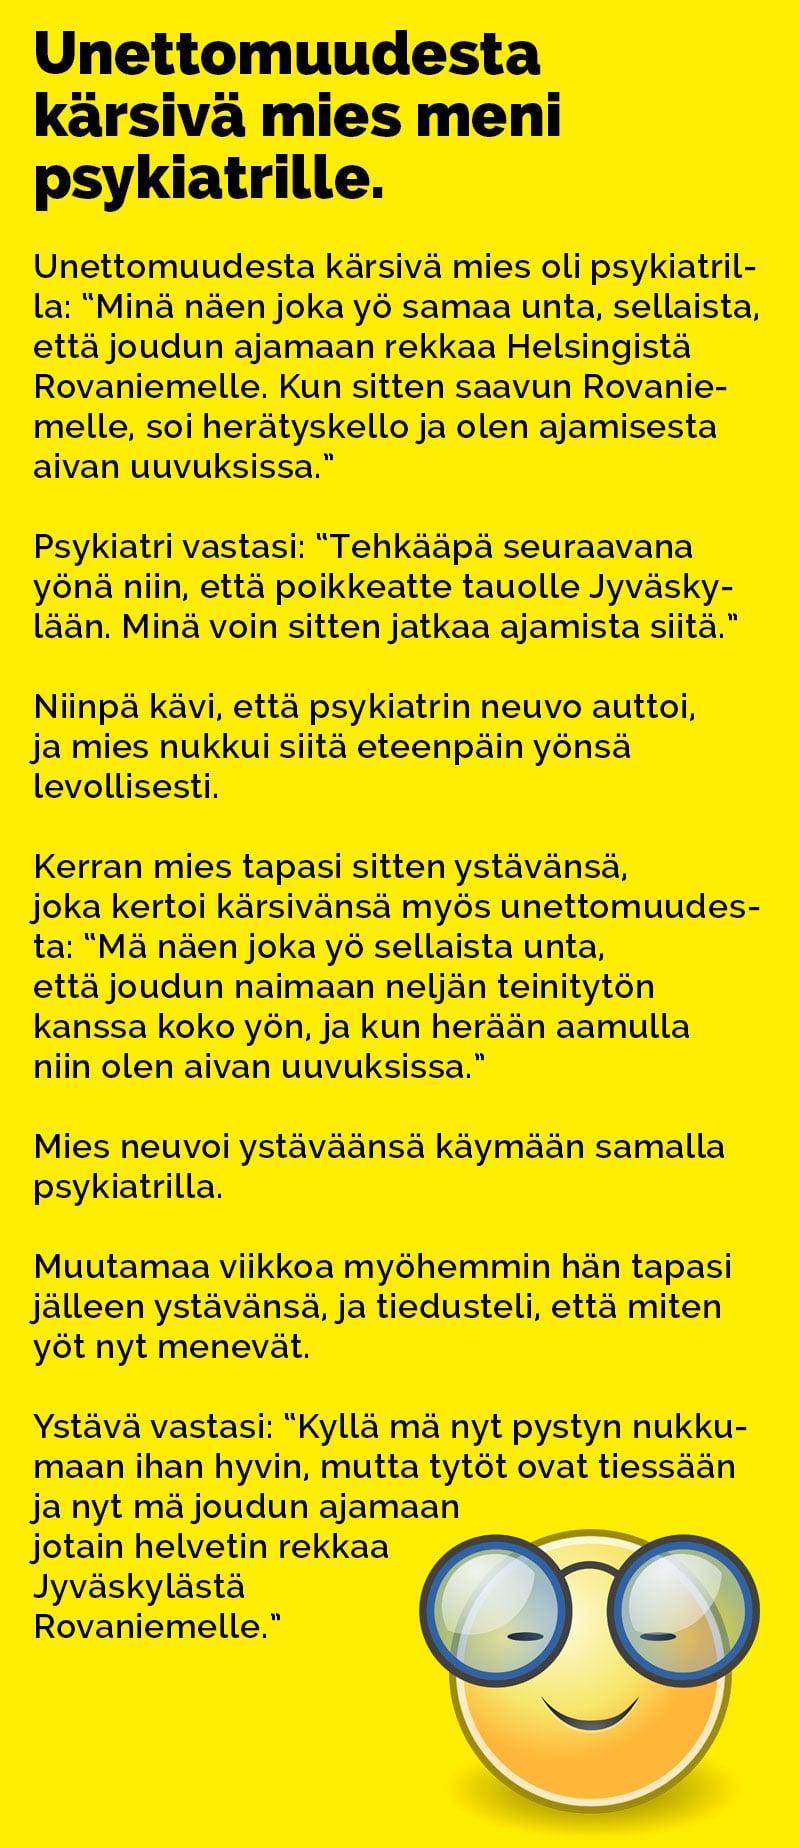 unettomuudesta_karsiva_mies_2